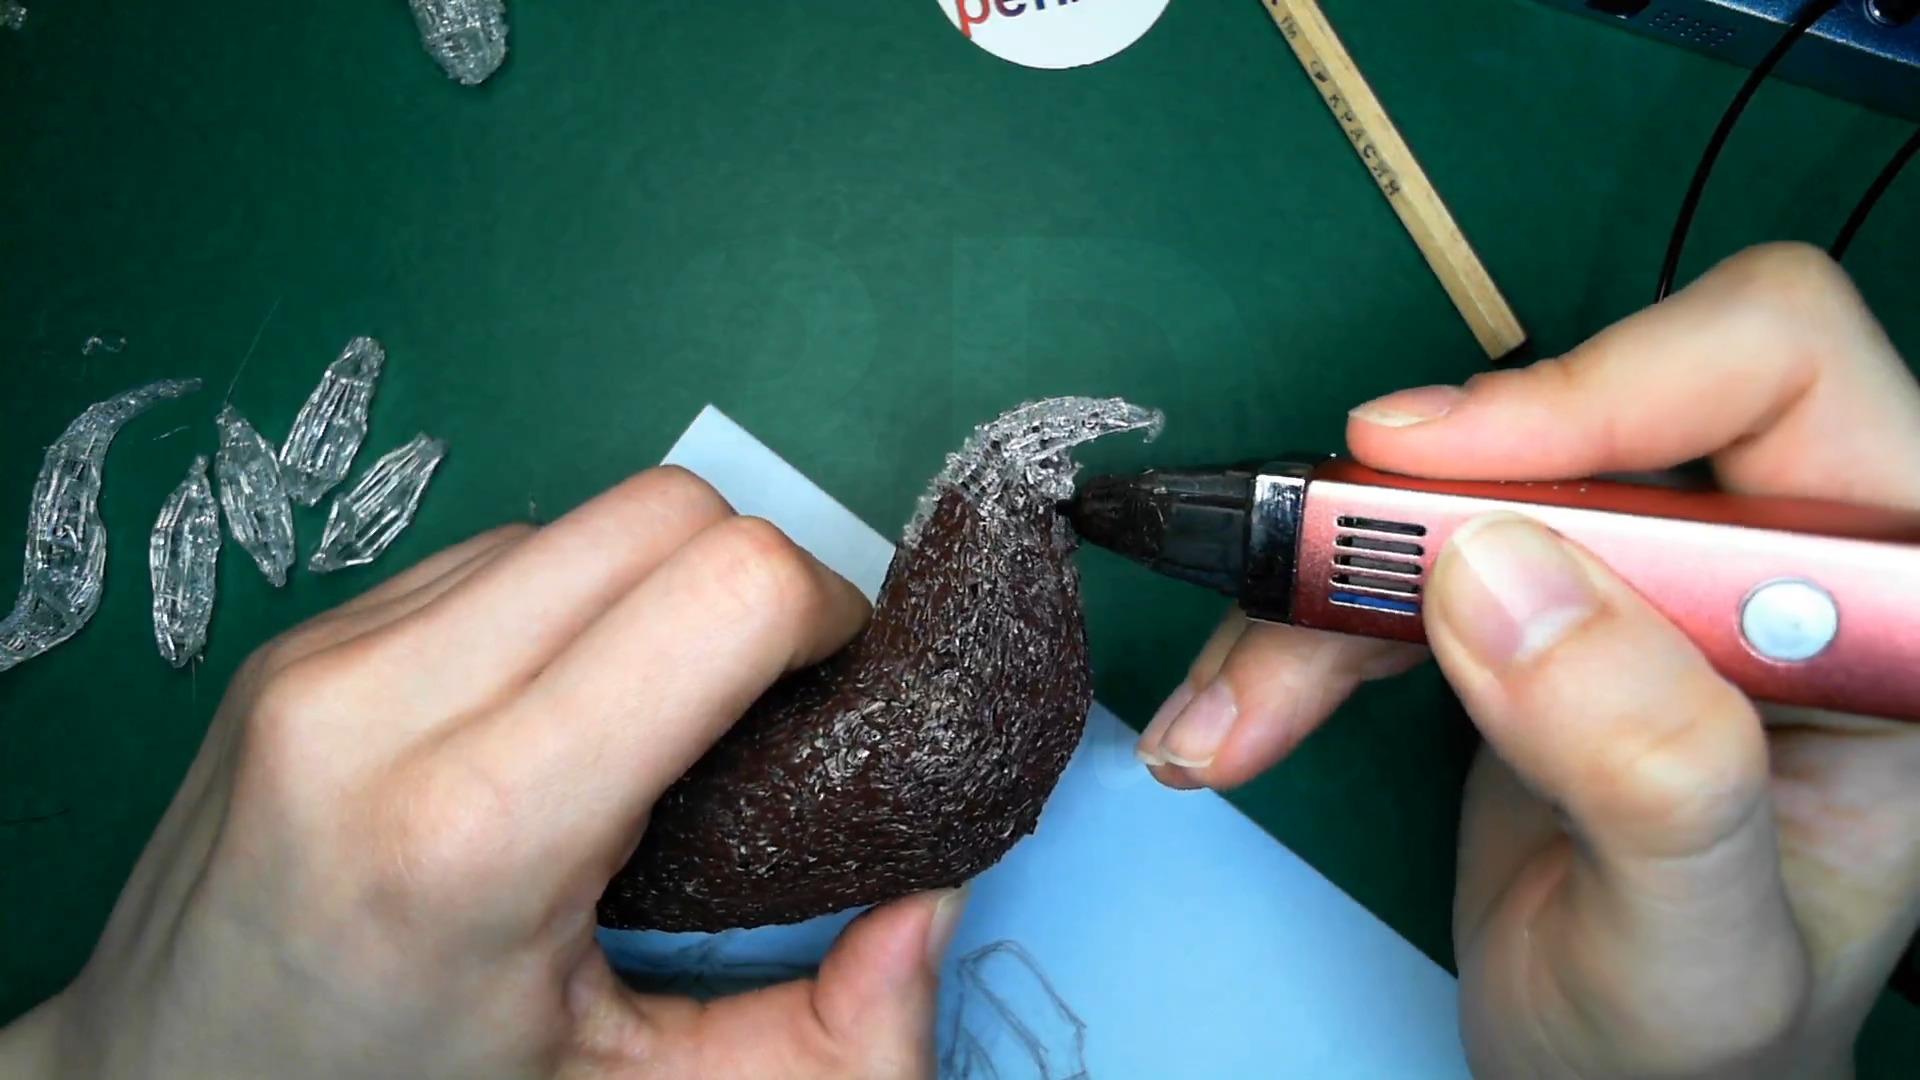 Лошадка 3D ручкой. Чистовая штриховка туловища